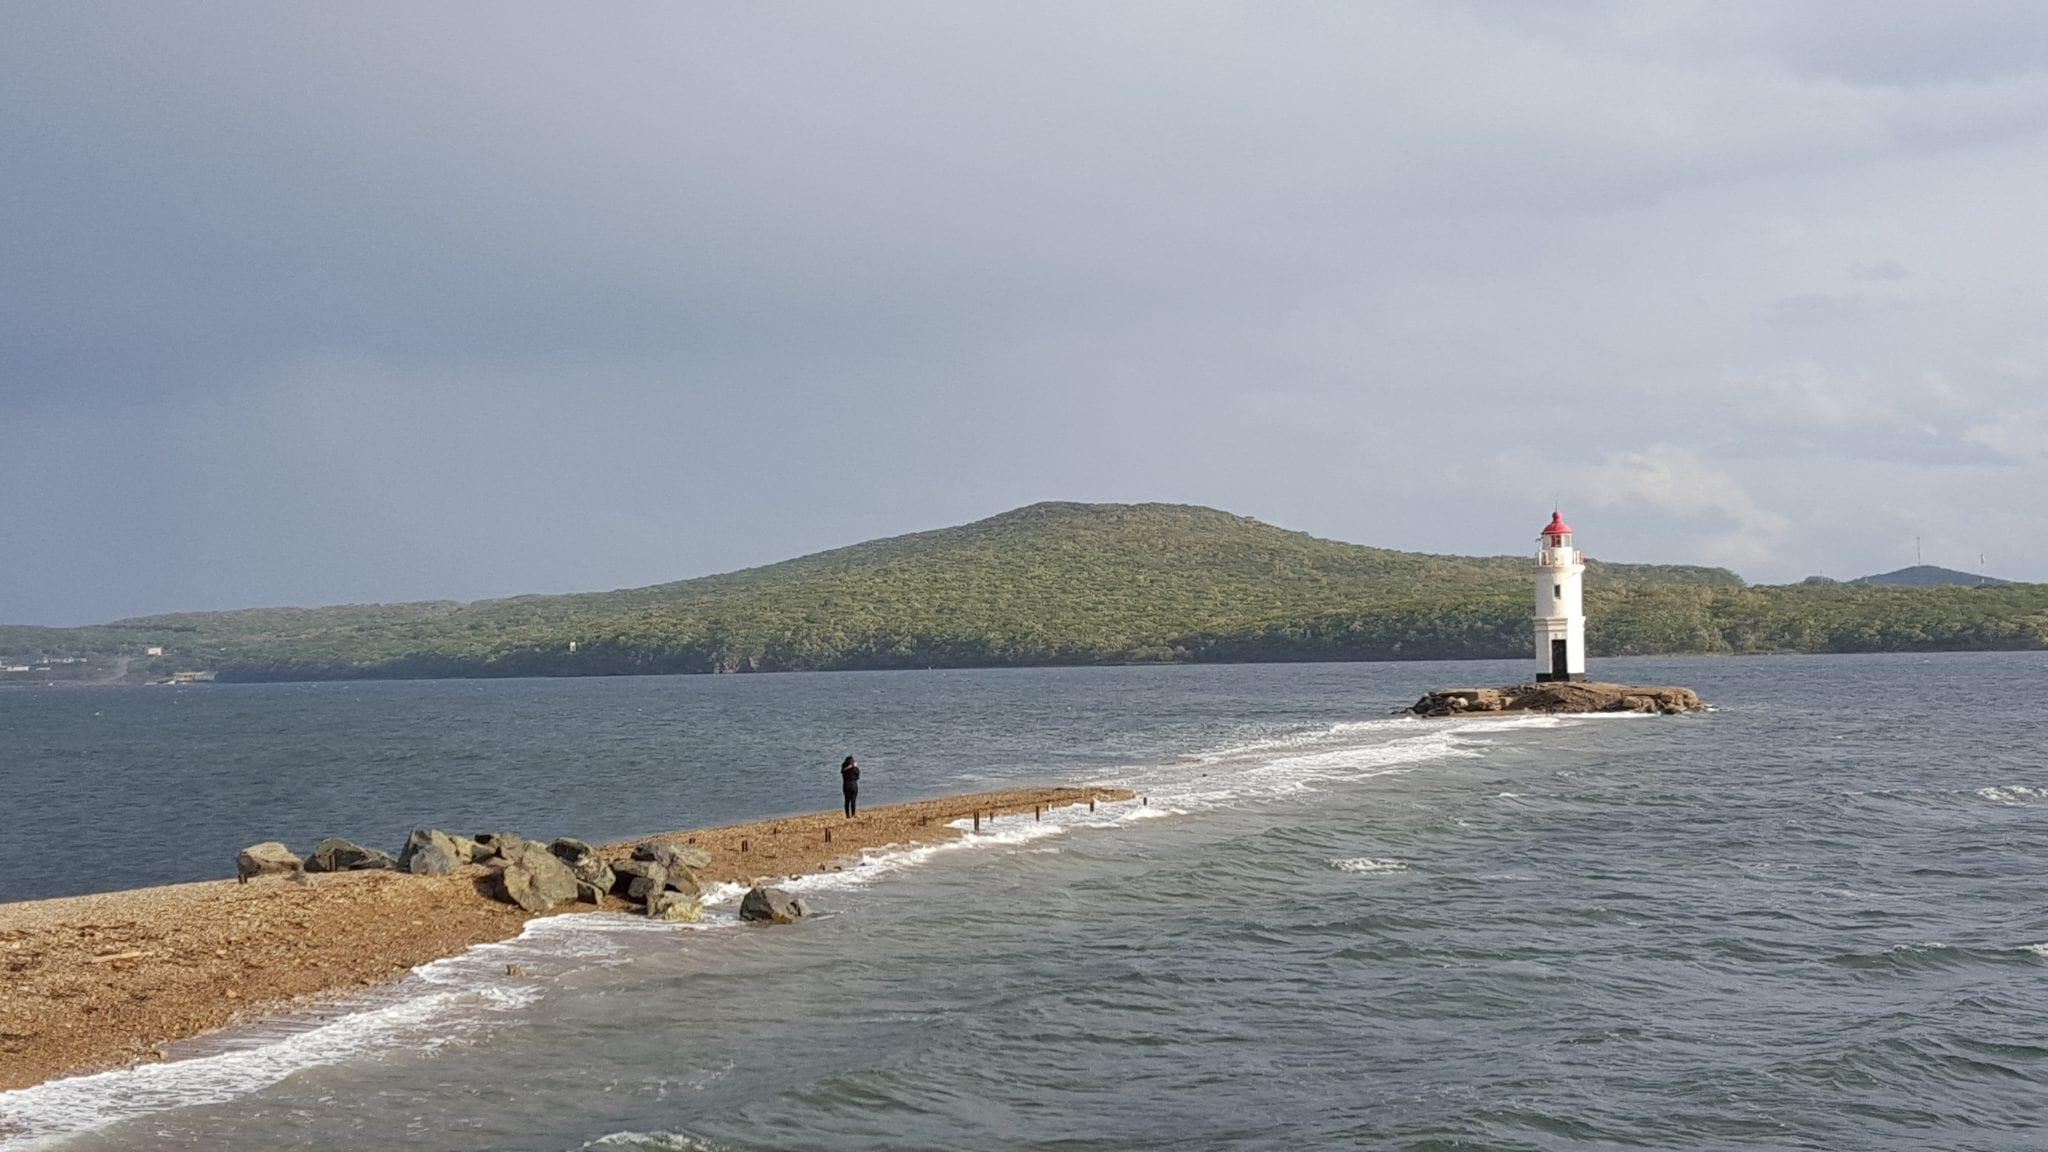 Ocean view in Vladivostok